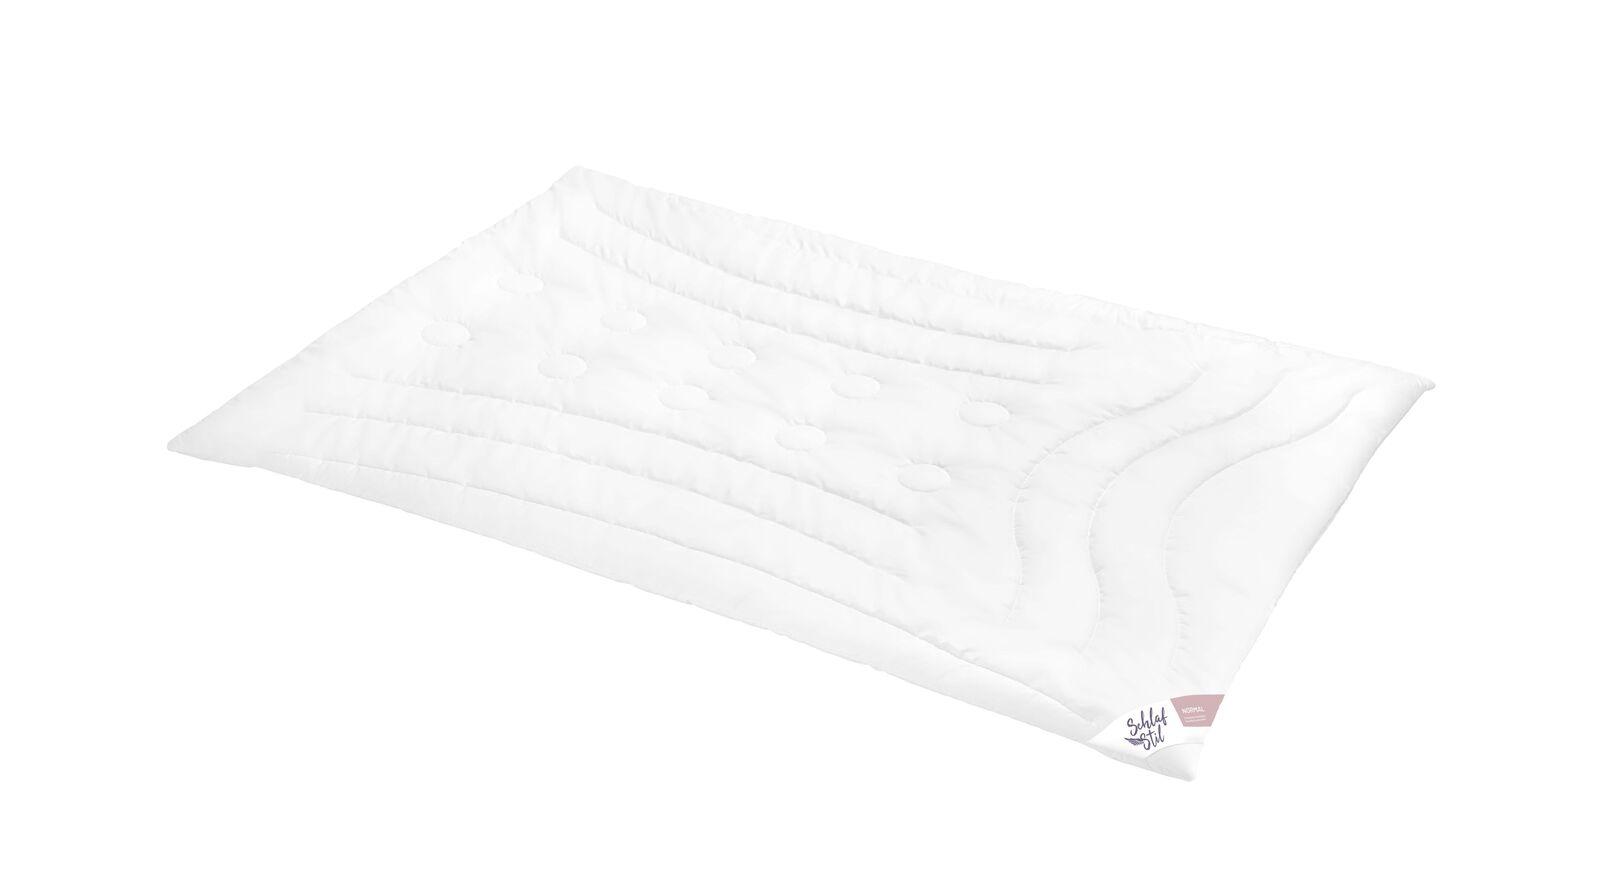 SCHLAFSTIL Markenfaser-Bettdecke F400 normal für ideal Bettklima